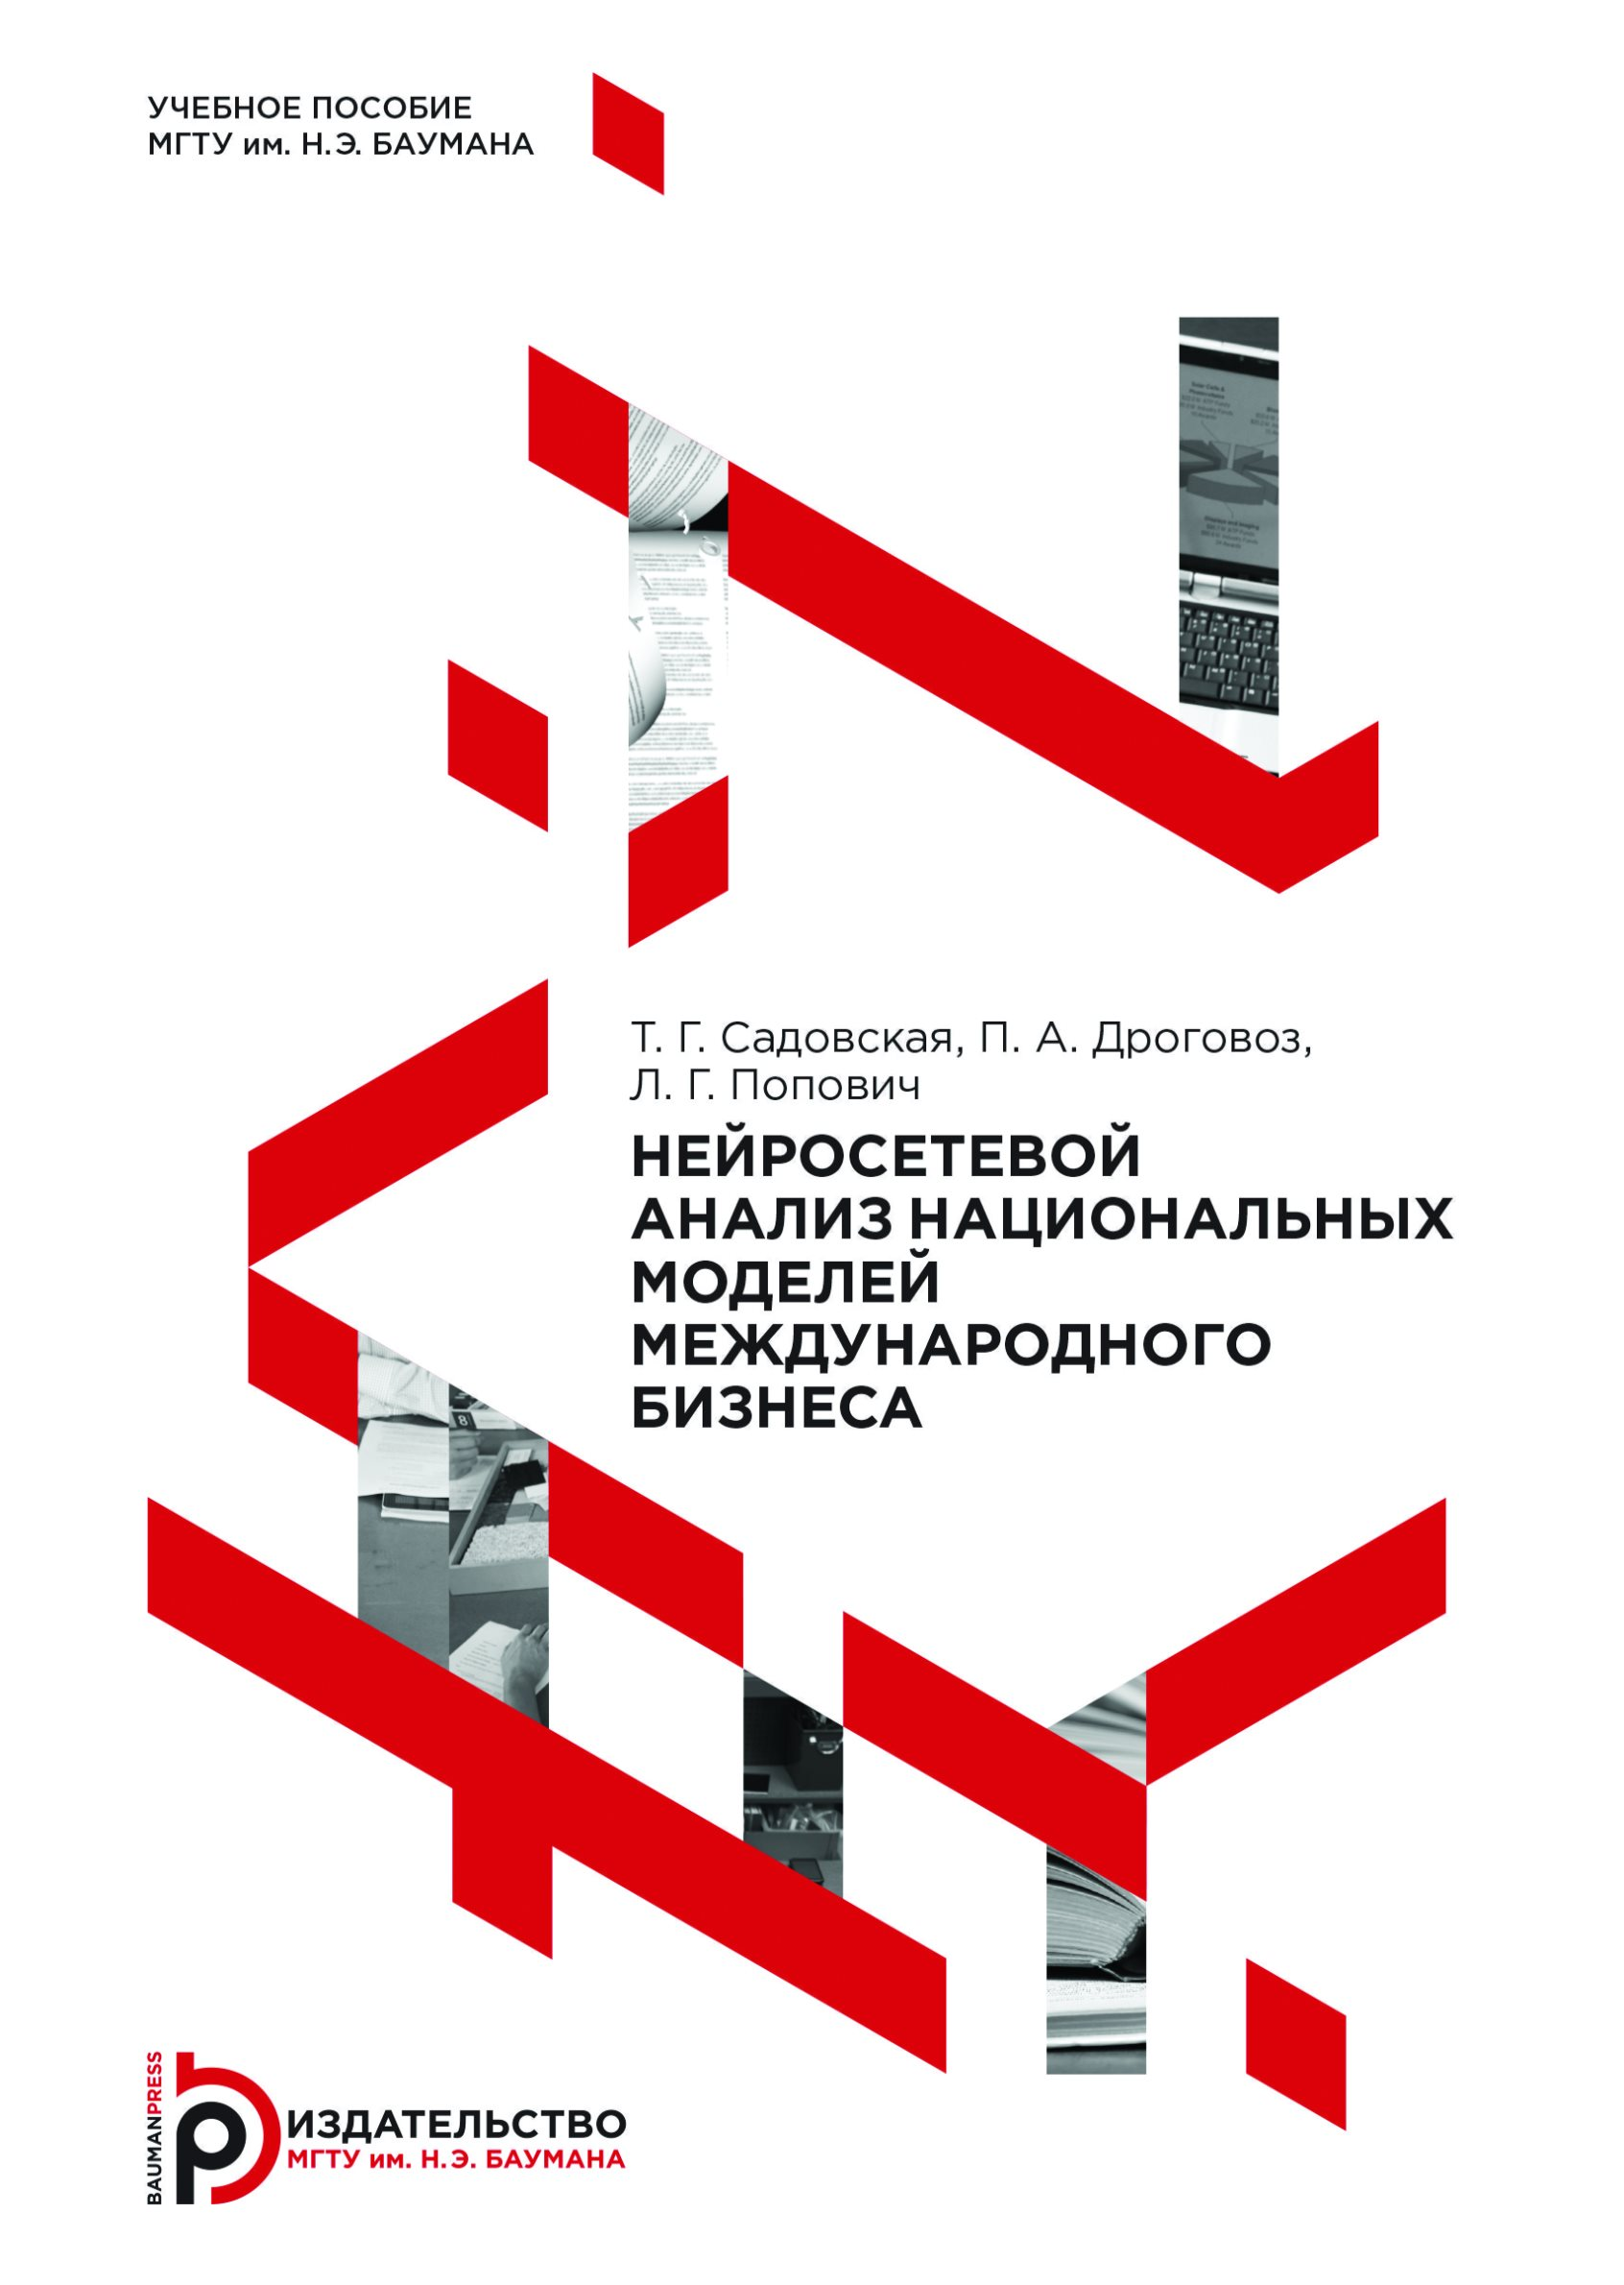 Павел Дроговоз Нейросетевой анализ национальных моделей международного бизнеса